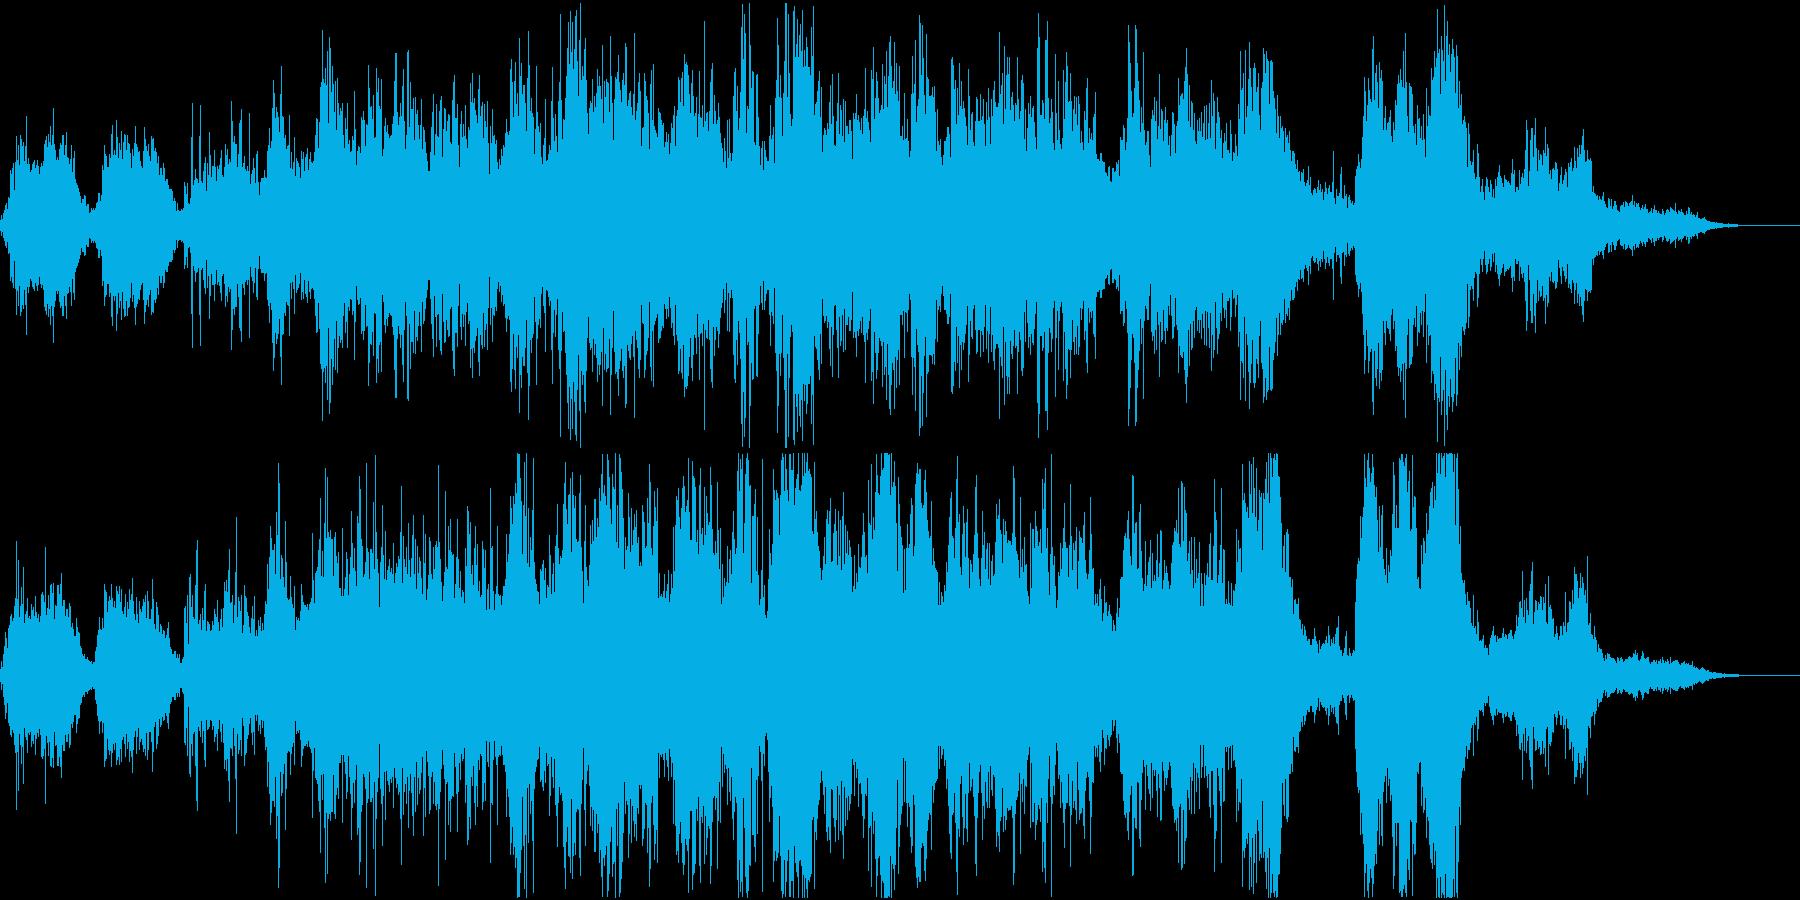 ちょっと不気味でホラーなアンビエントの再生済みの波形